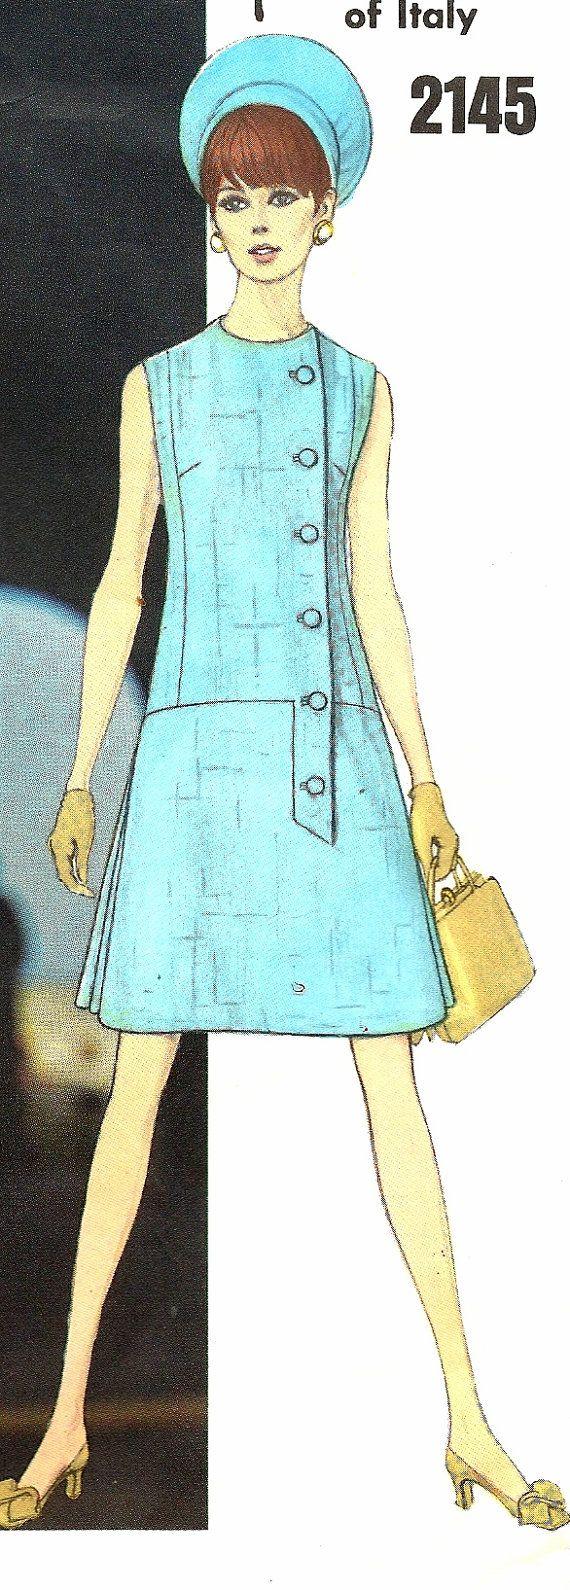 Vogue Paris Original 2145 - Fabiani - UNCUT - Bust 36